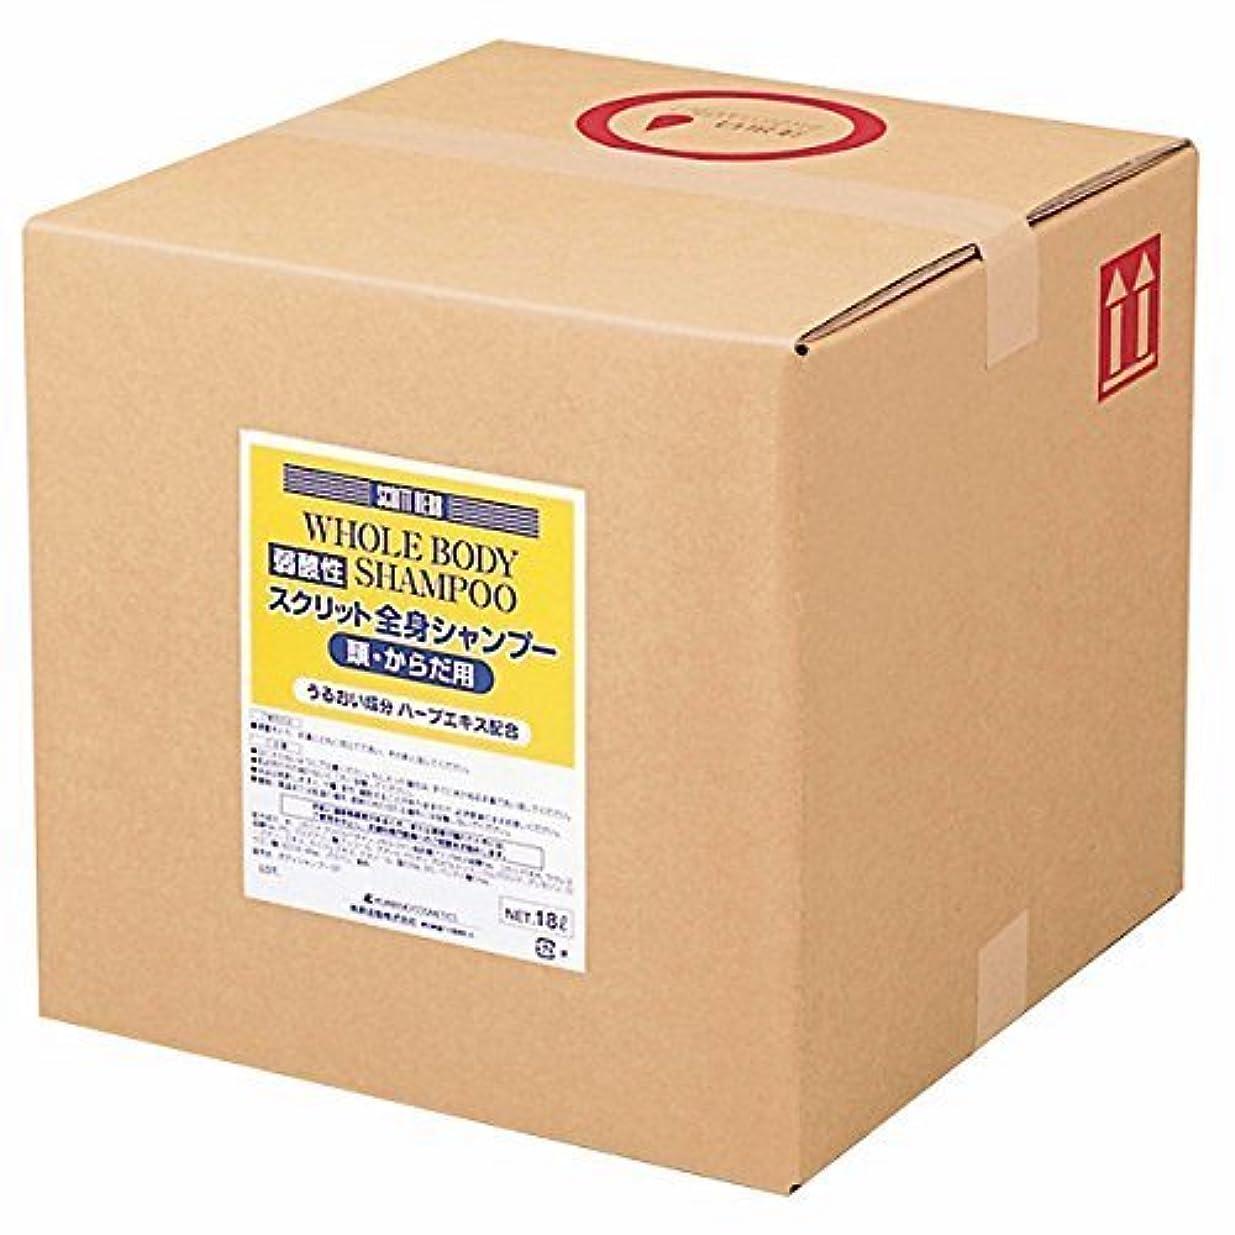 圧縮鎮静剤受信業務用 SCRITT(スクリット) 全身シャンプー 18L 熊野油脂 (コック付き)